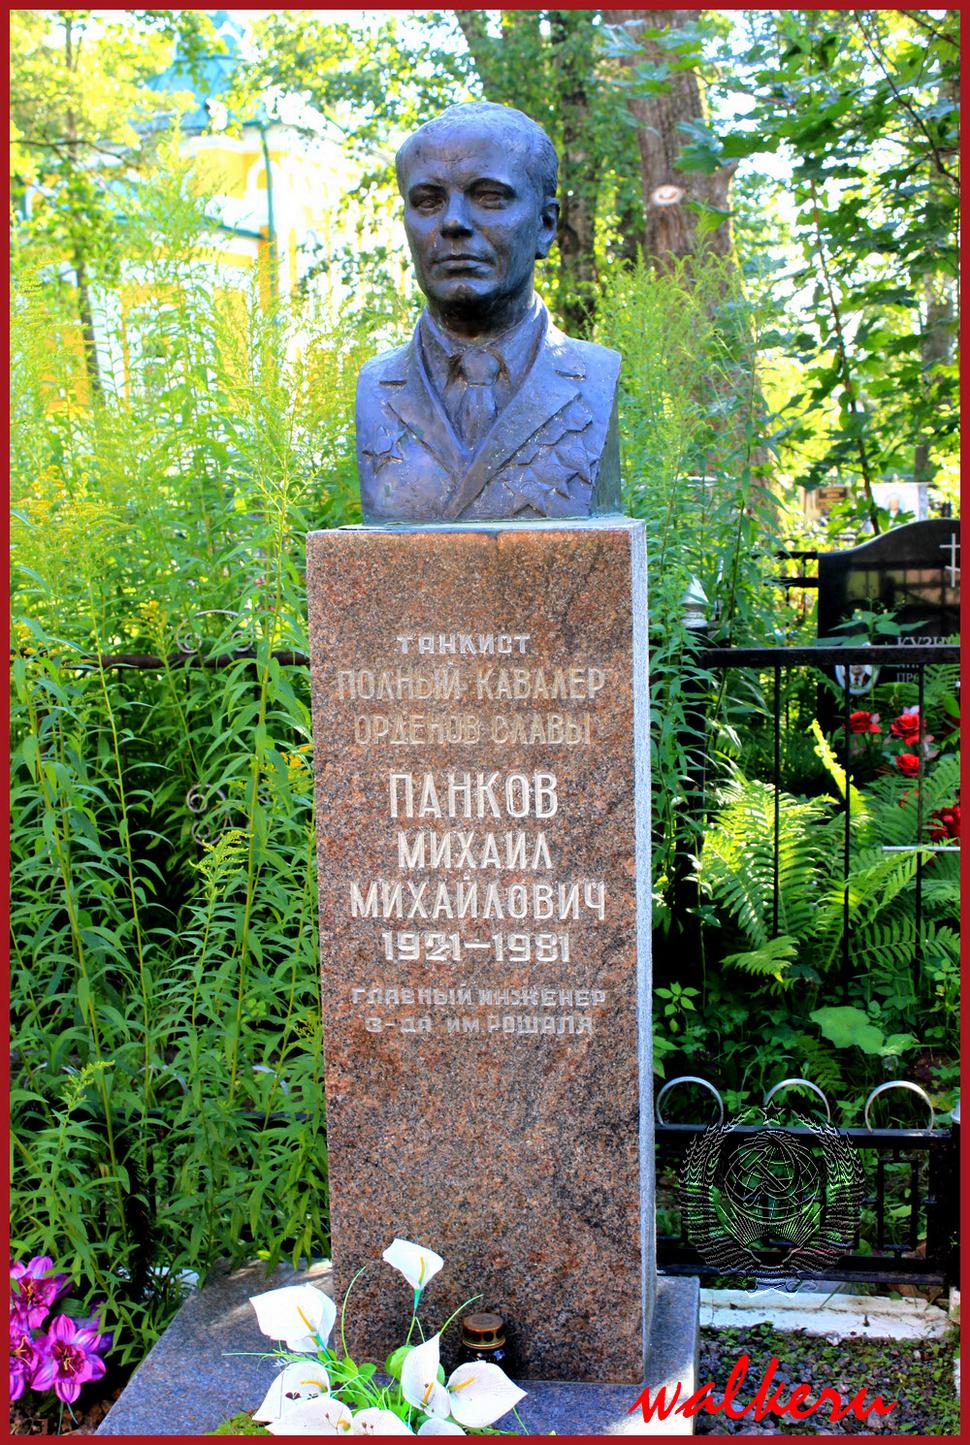 Могила Панкова М.М. на Гатчинском кладбище